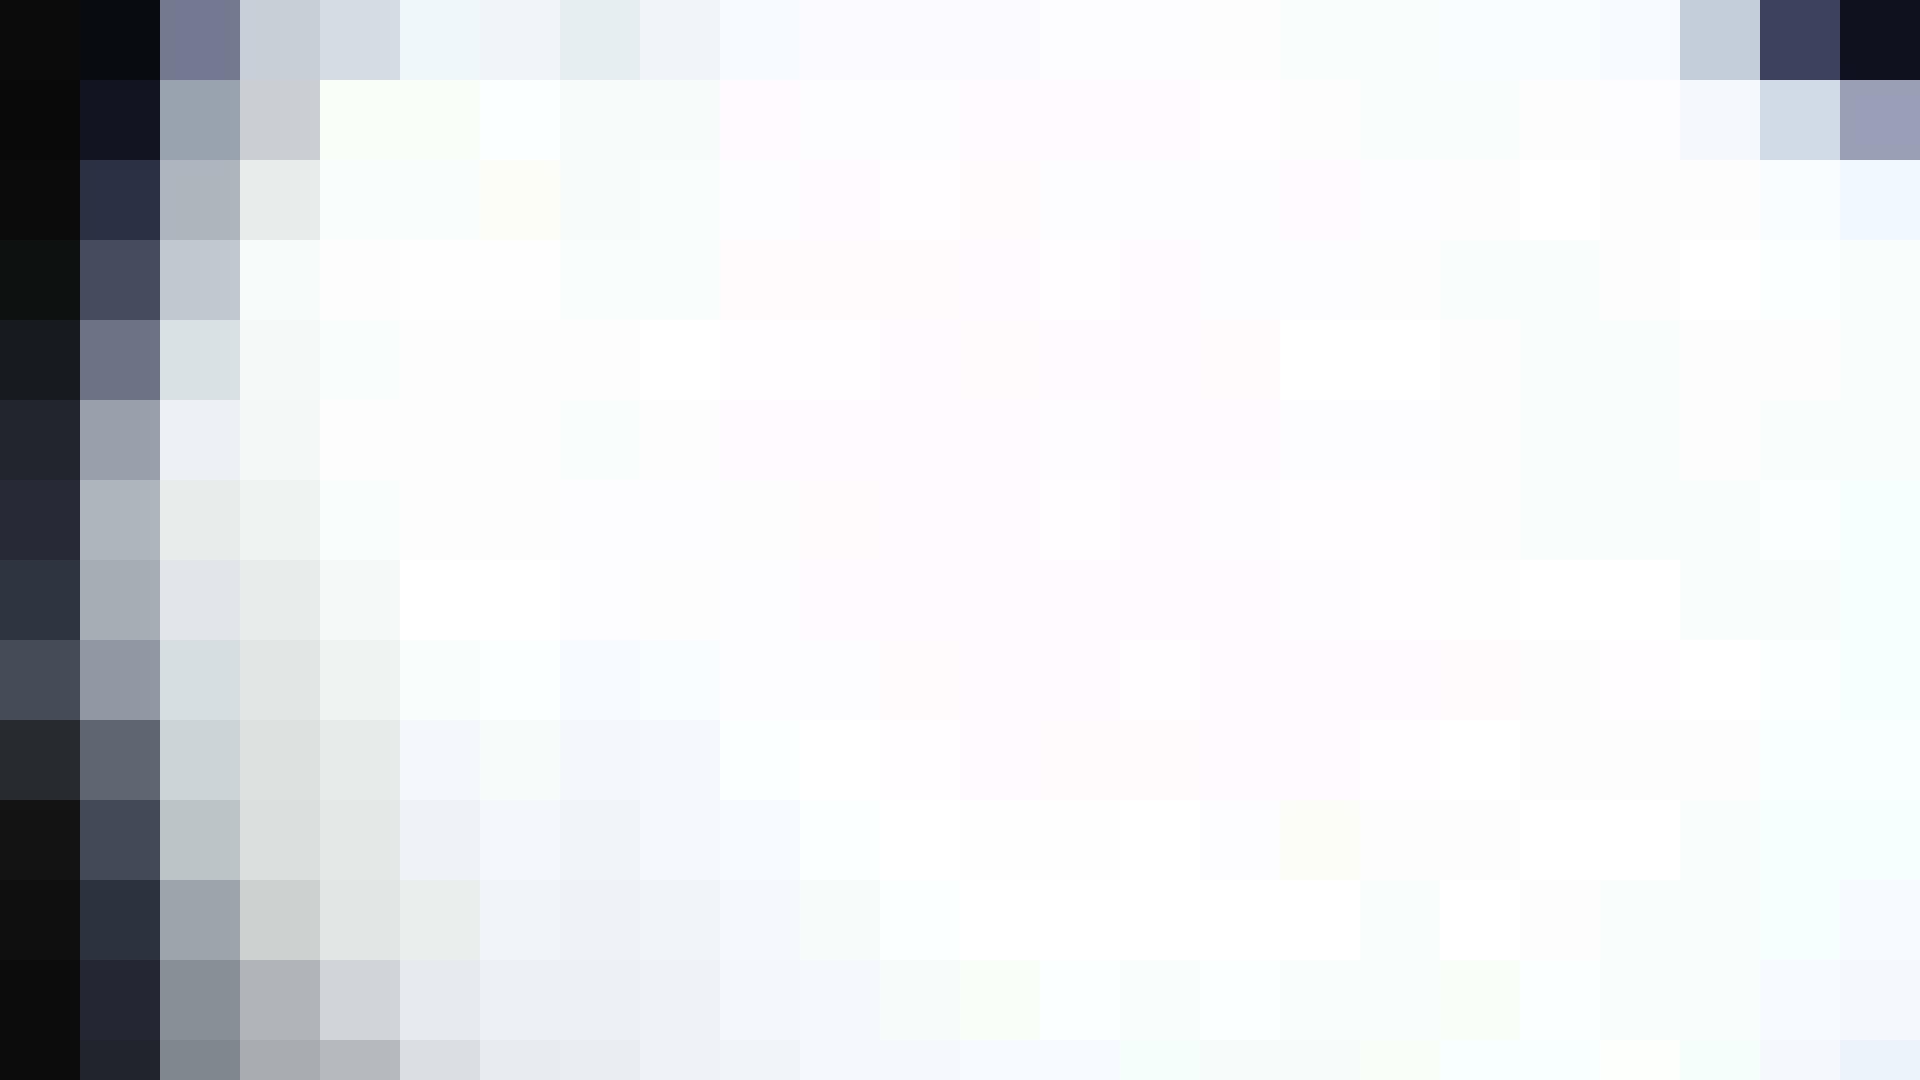 洗面所特攻隊 vol.016 ナナメな方 0  40連発 12